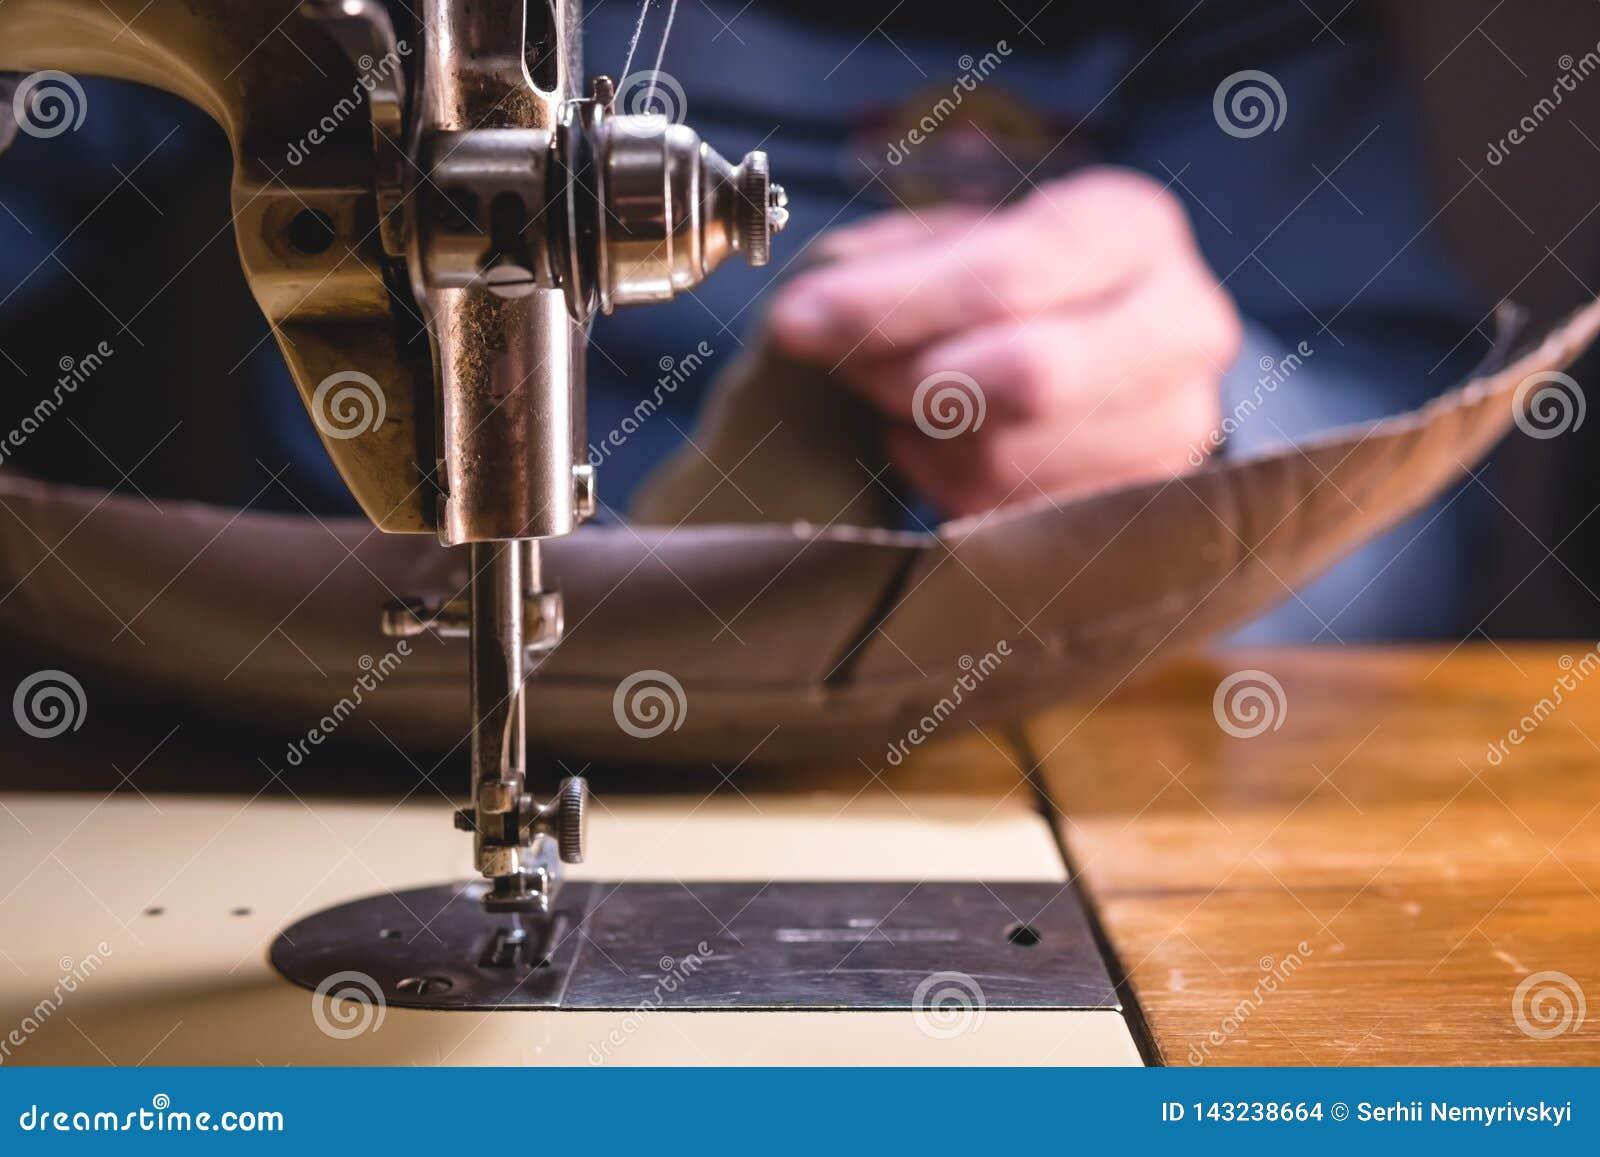 Processus de couture de la ceinture en cuir les mains de vieil homme derrière la couture Atelier en cuir couture de cru de textil